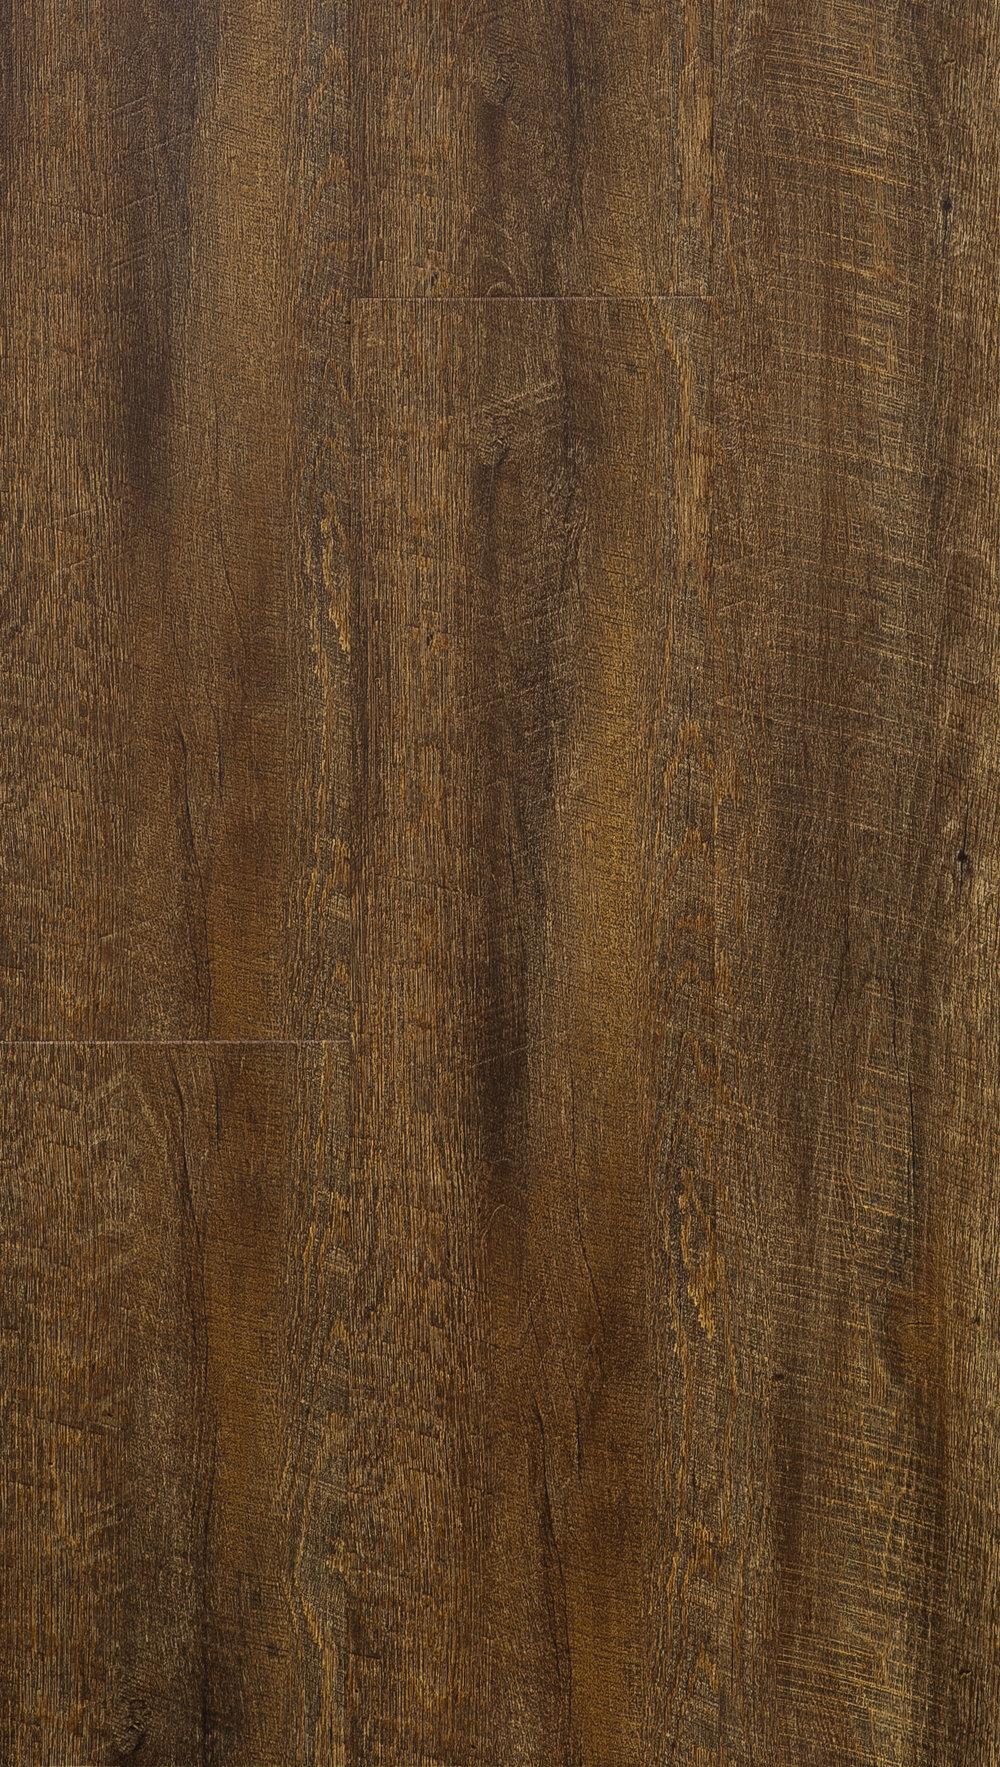 W5315 - Rustic Oak